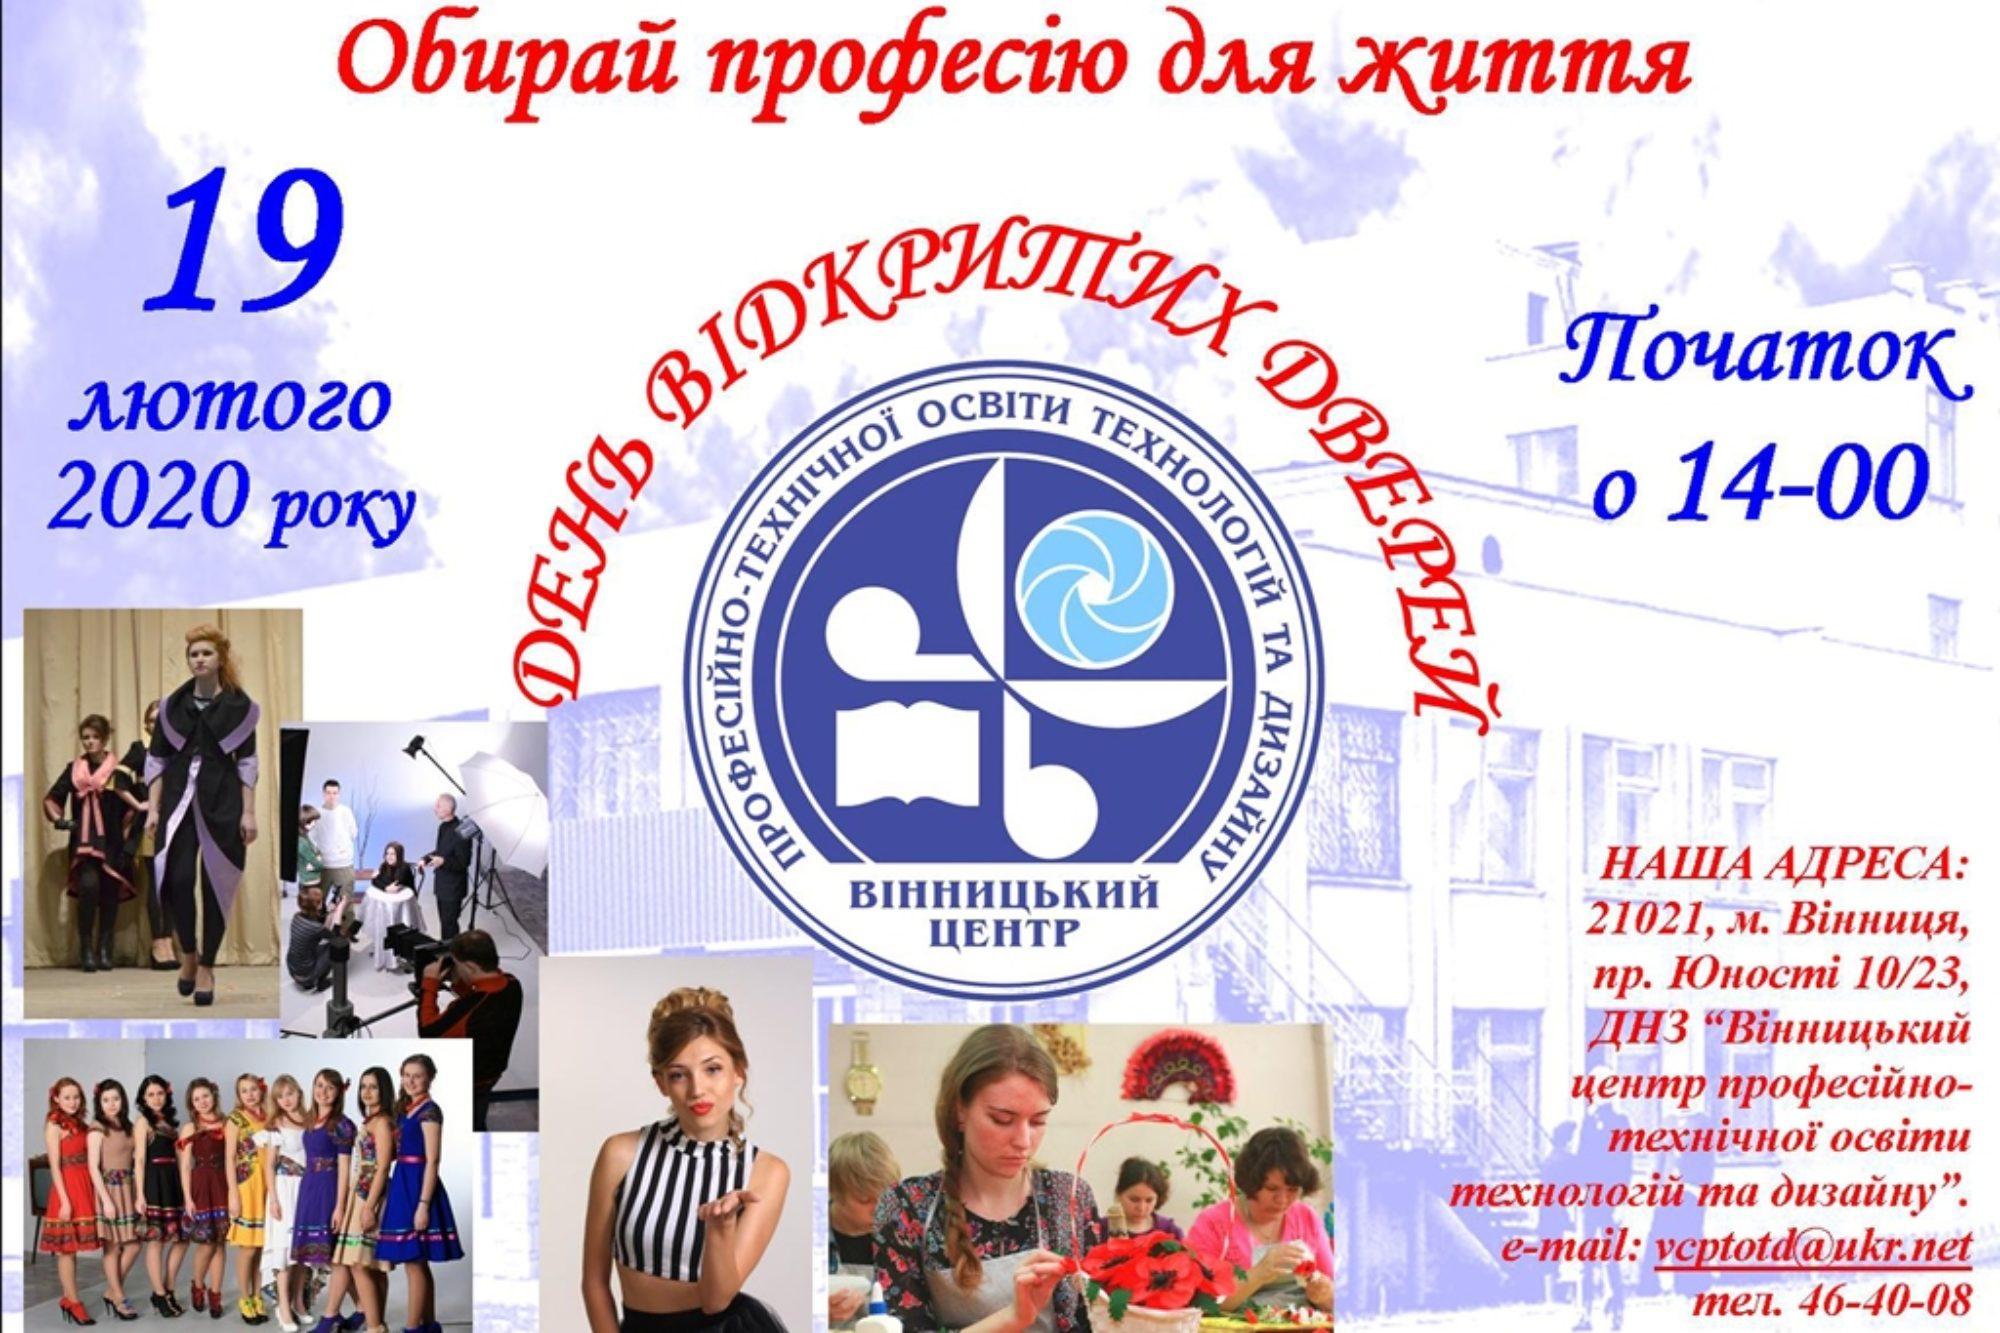 Вінницький центр ПТО технологій та дизайну